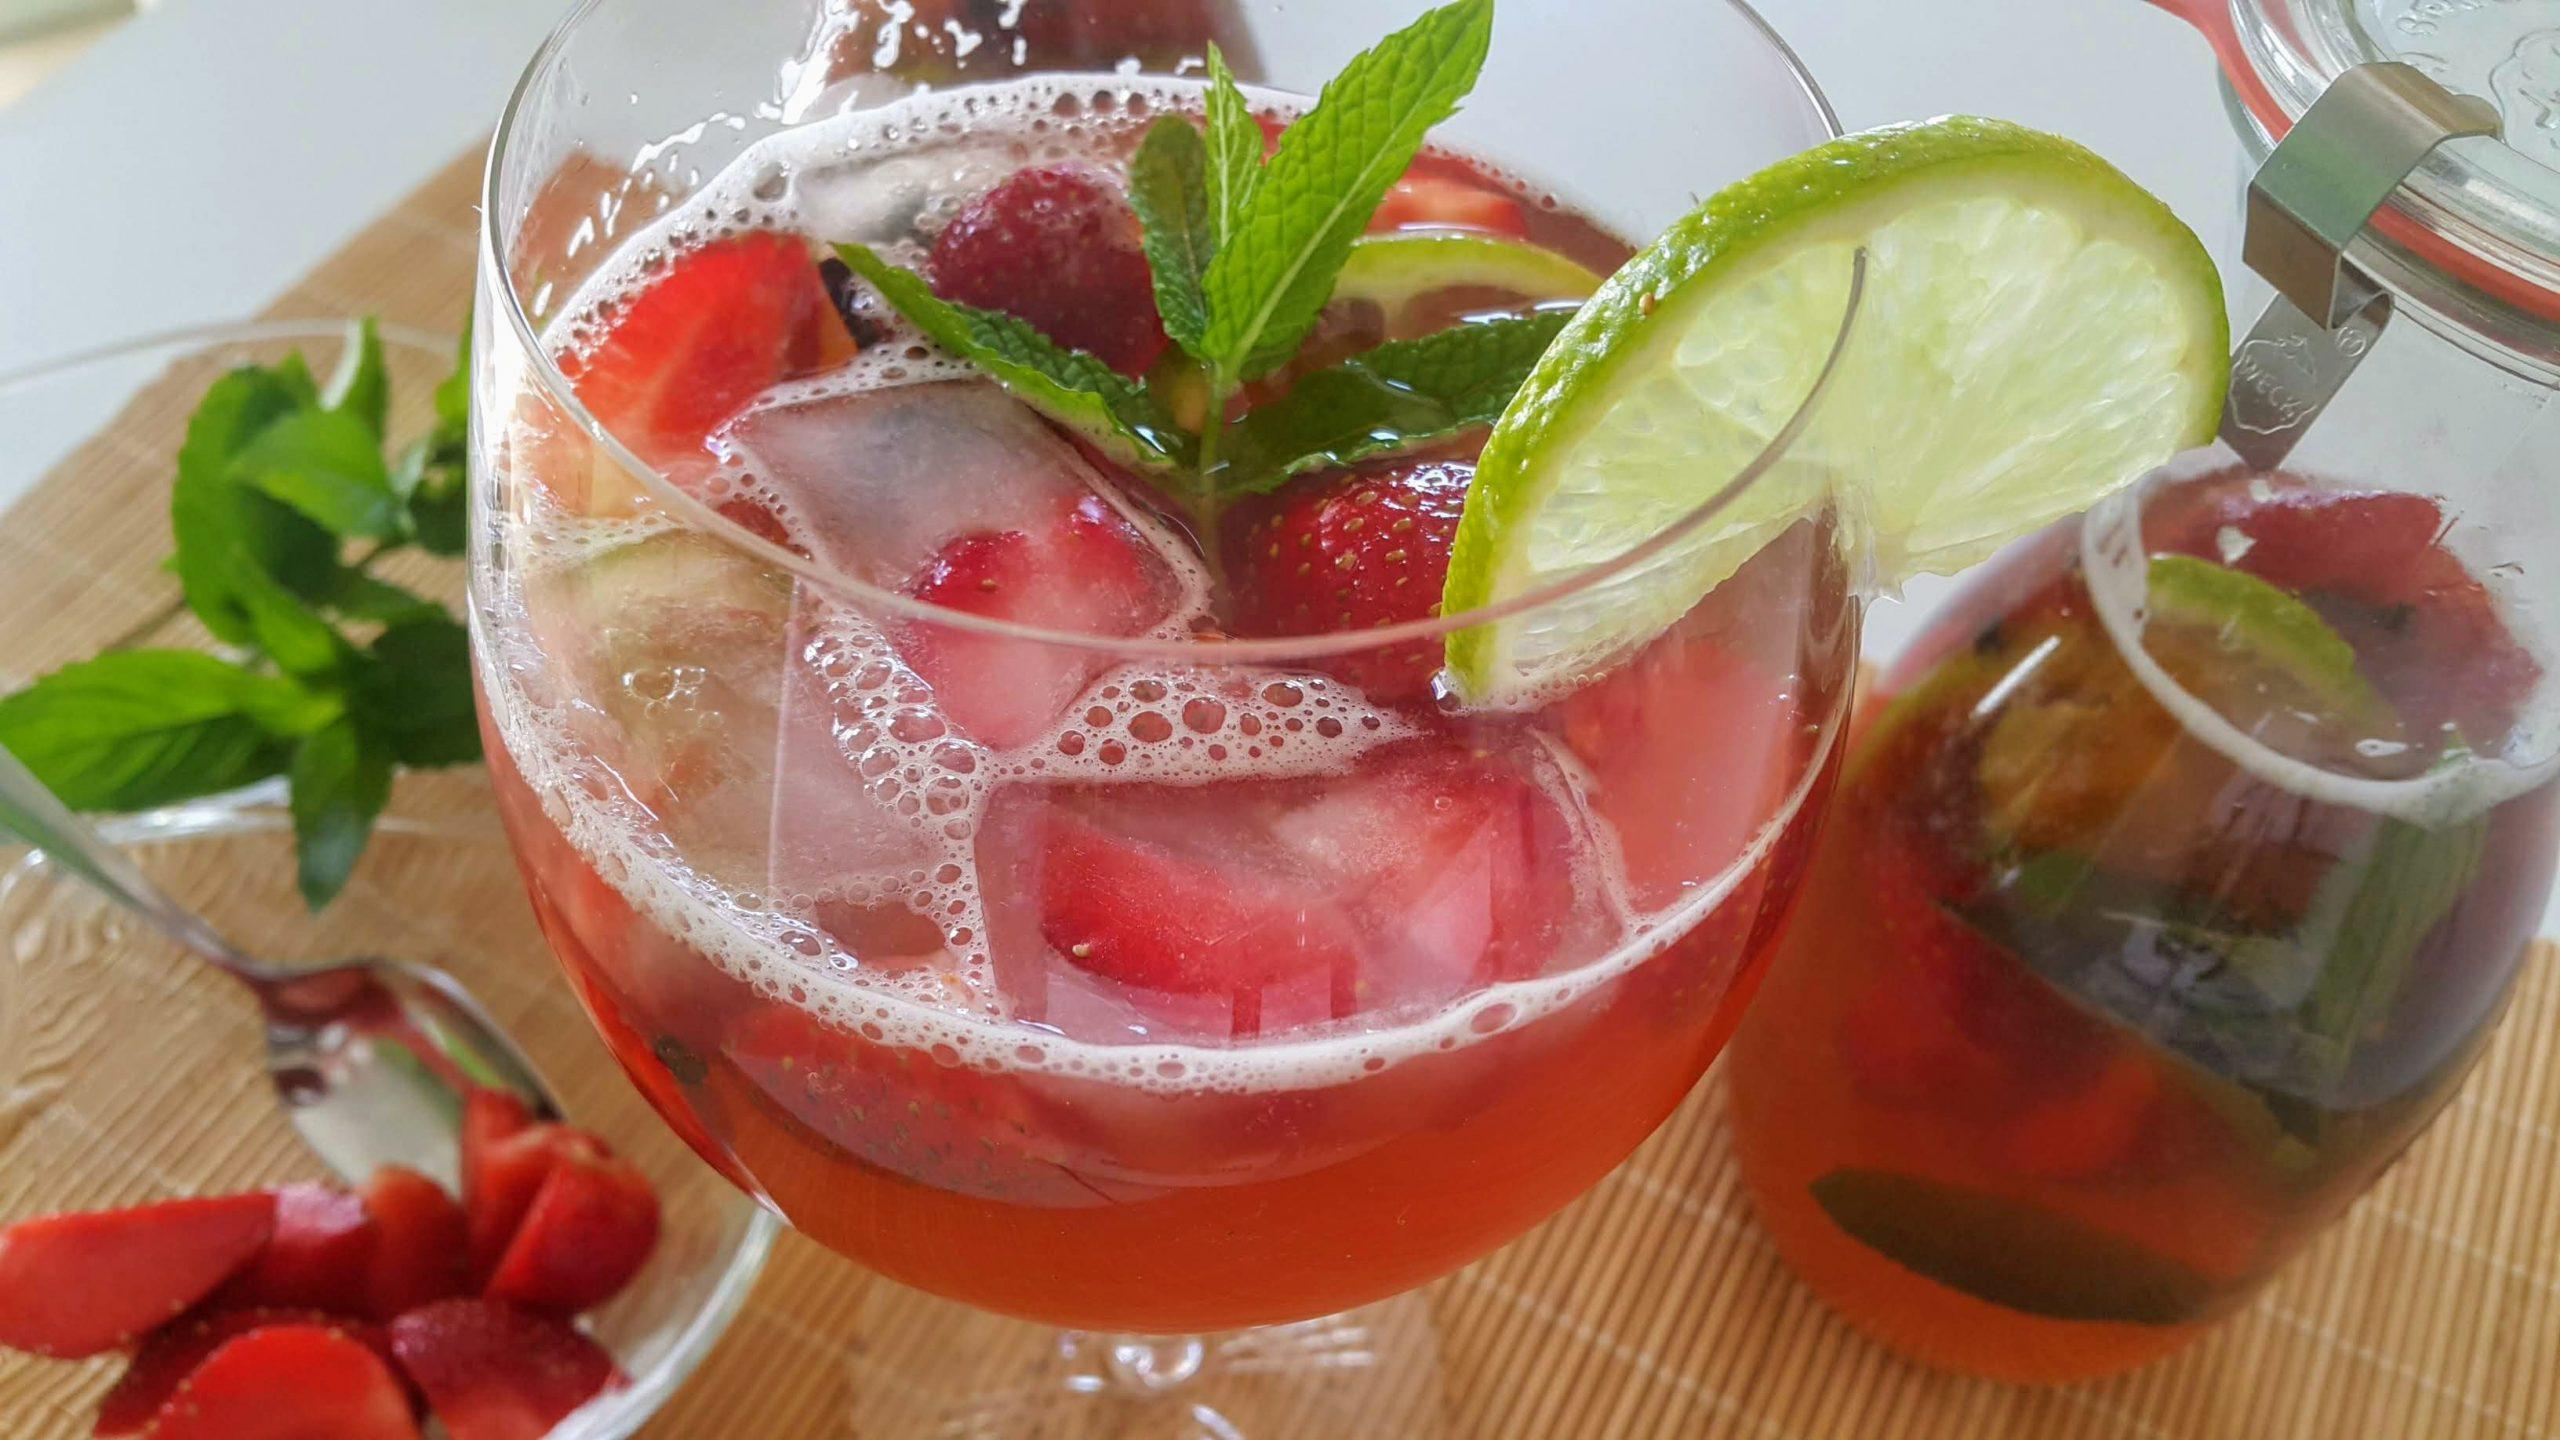 Kombucha teeseenejook teeseenkaalust alla detoks vesi joogid kombucha valmistamine